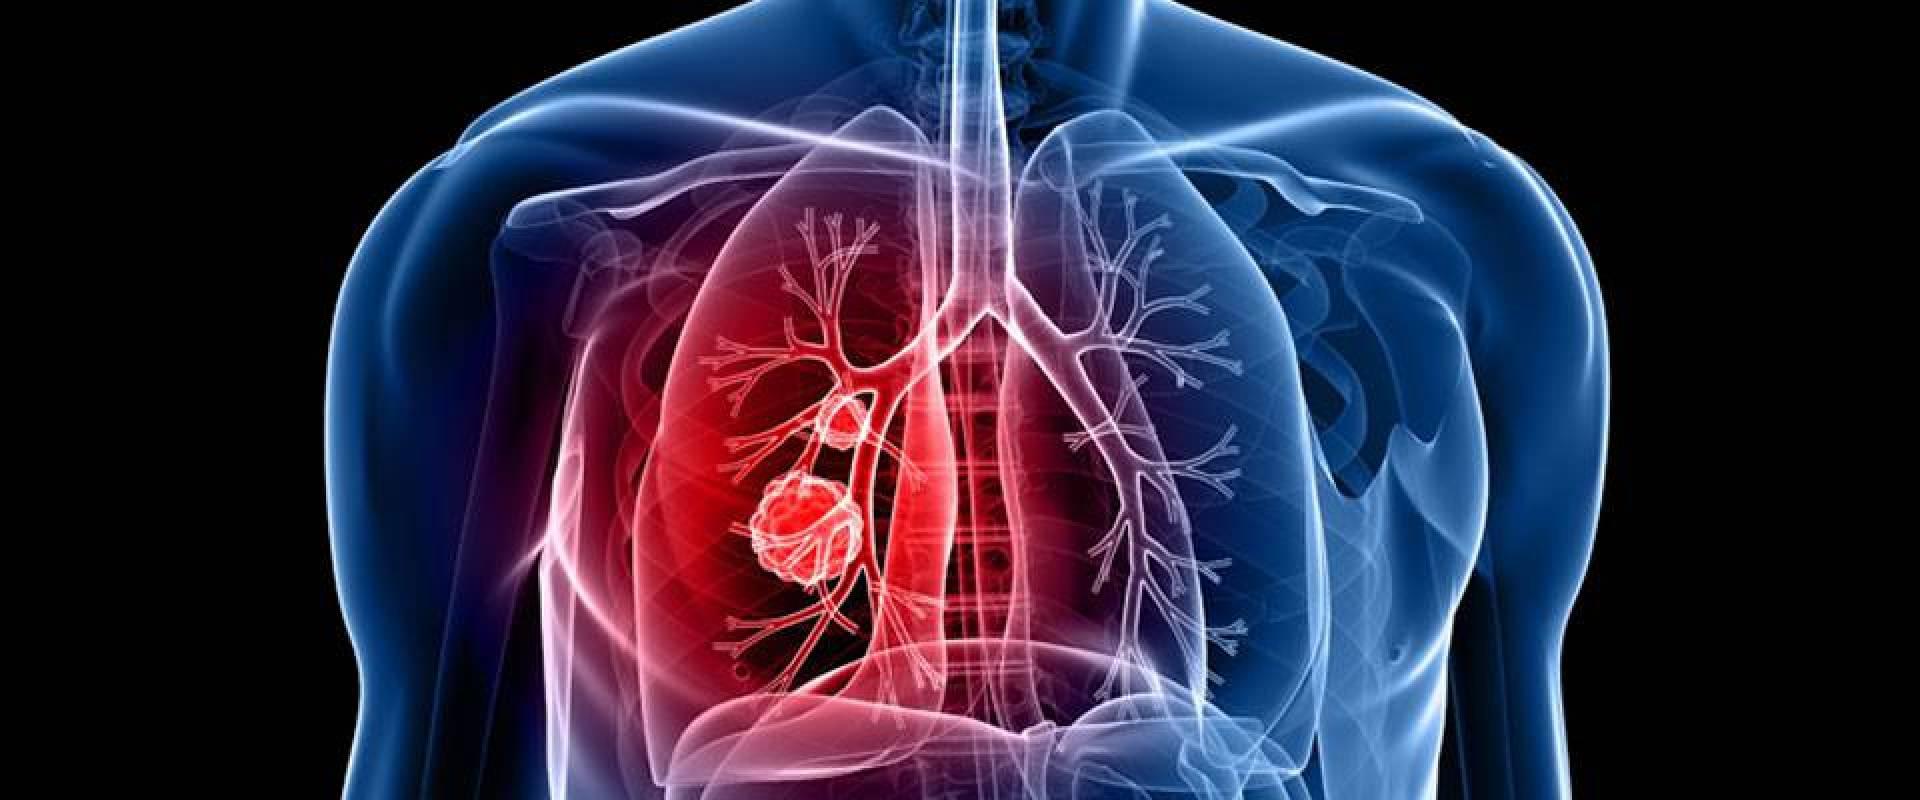 اختبار دم للمدخنين يتنبئ بـ«سرطان الرئة» قبل 4 سنوات من ظهور الأعراض